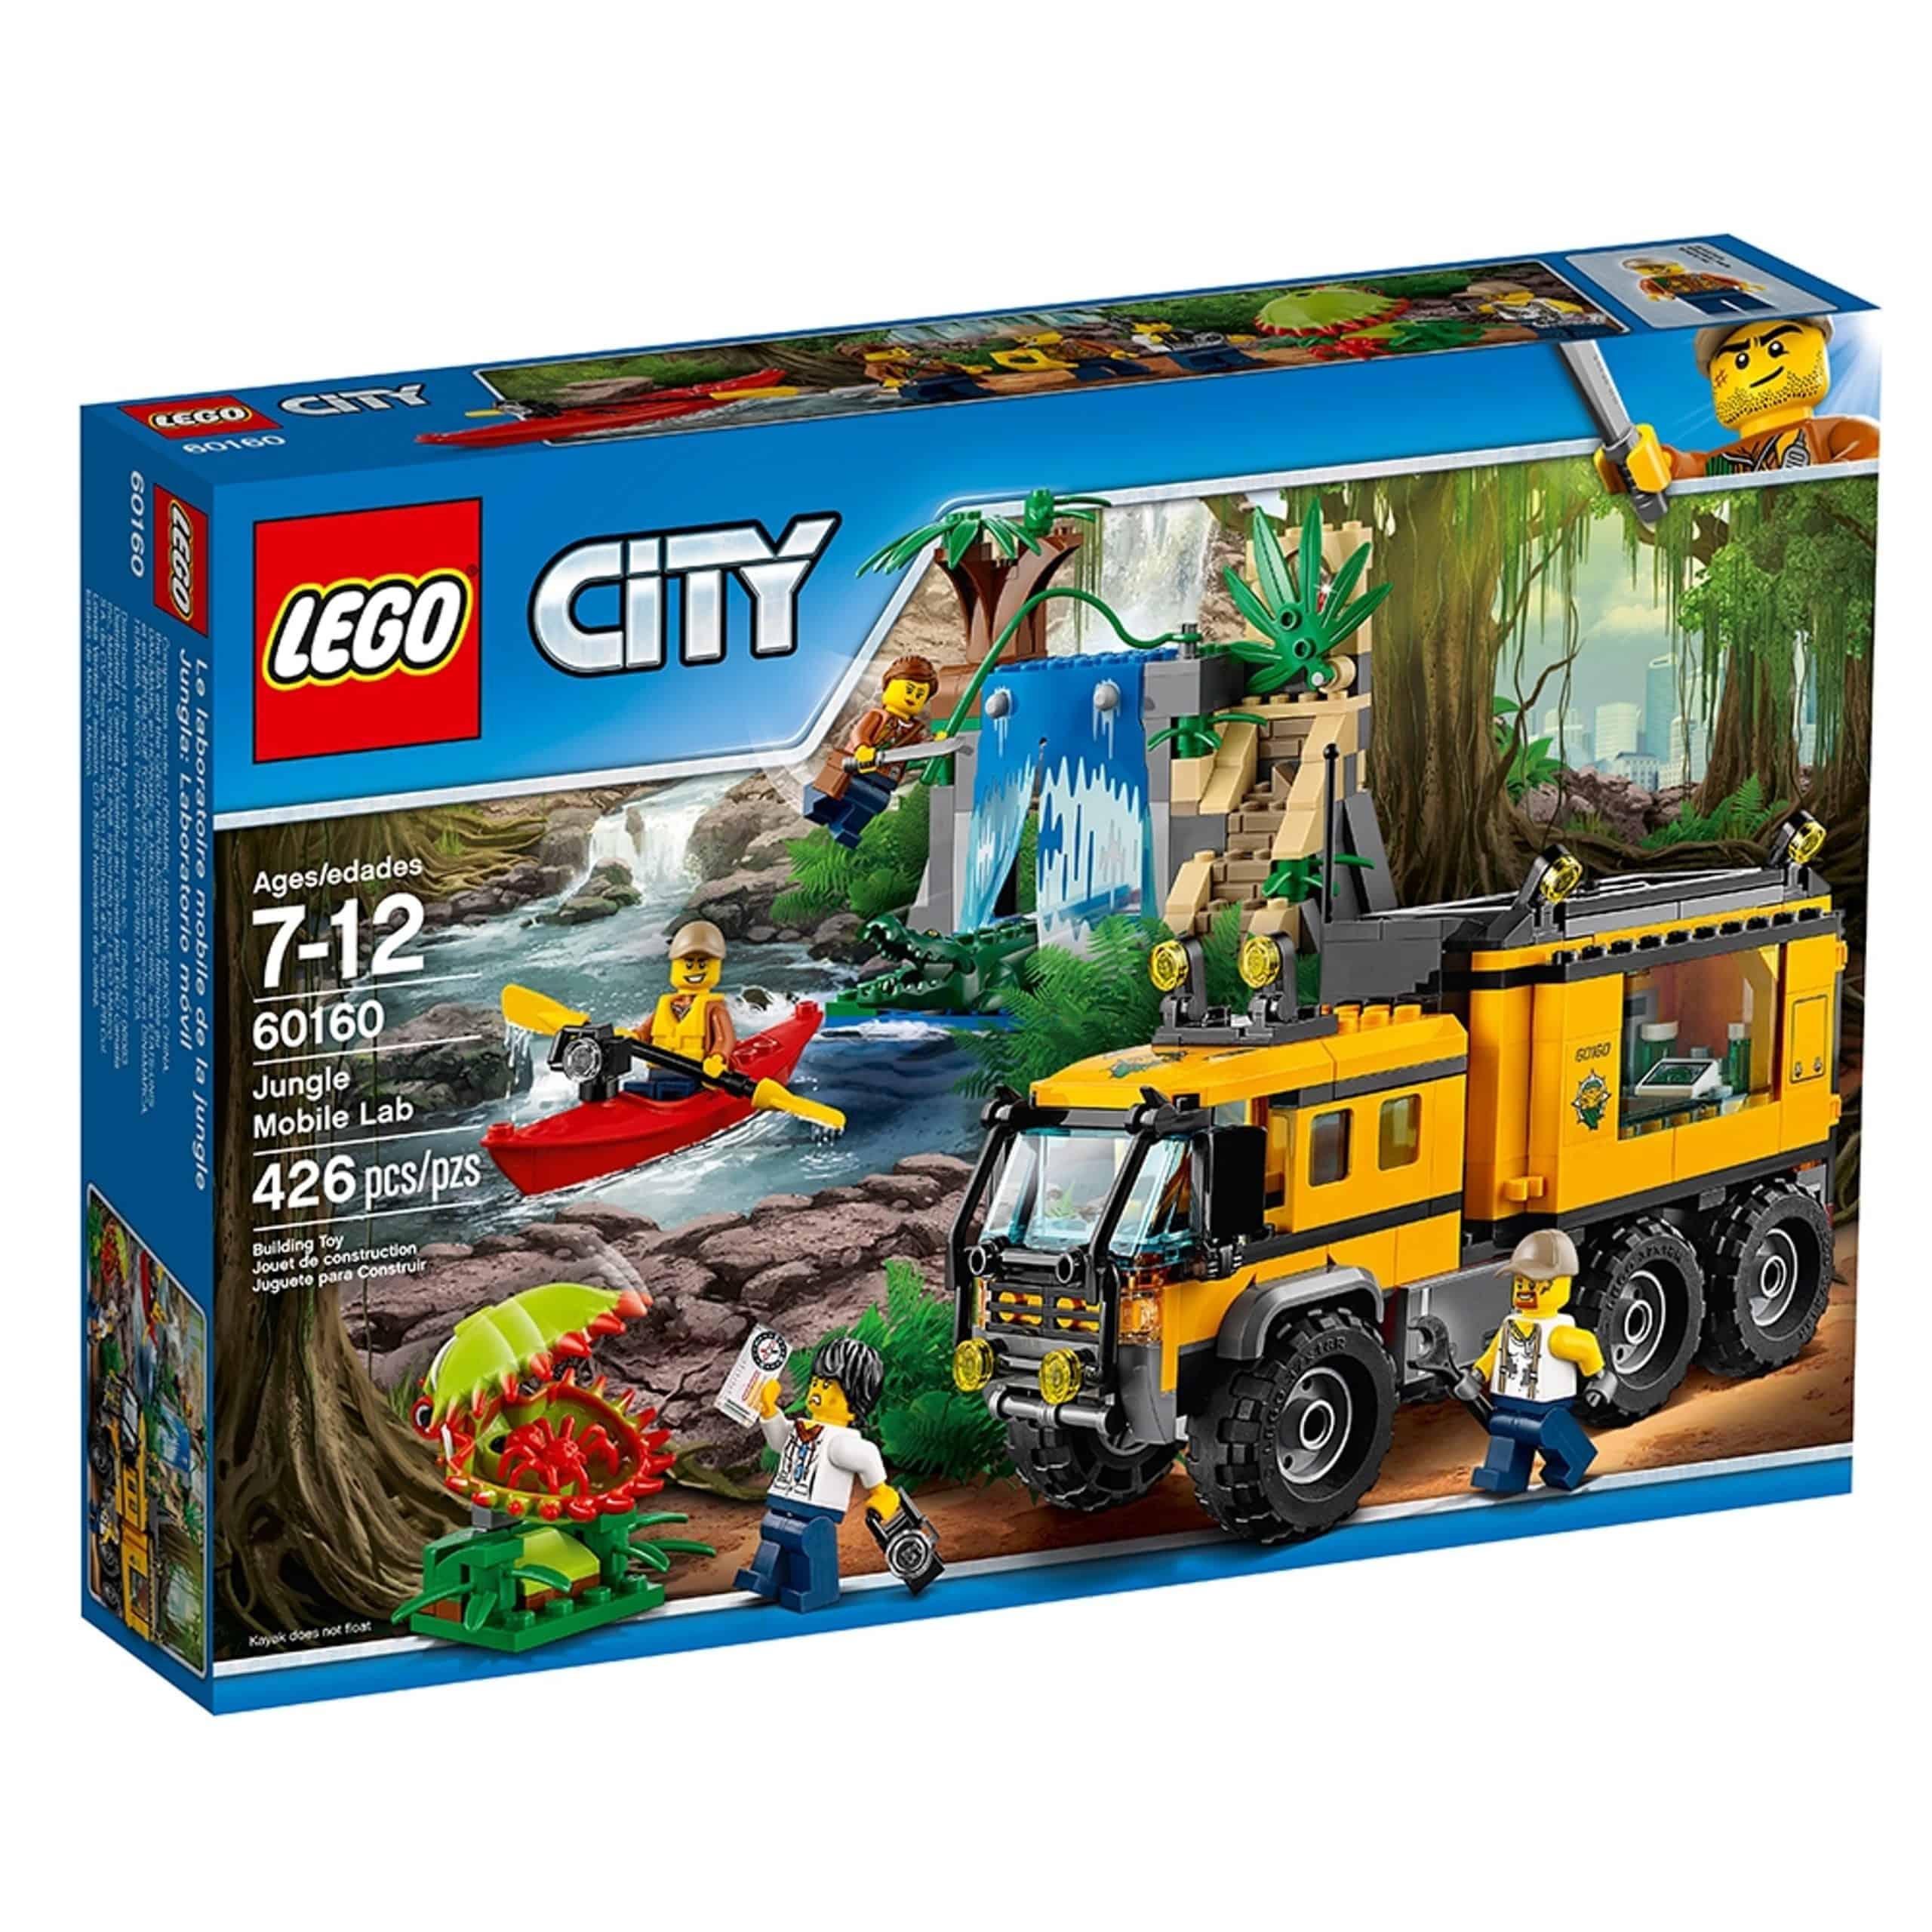 lego 60160 mobilt junglelaboratorium scaled